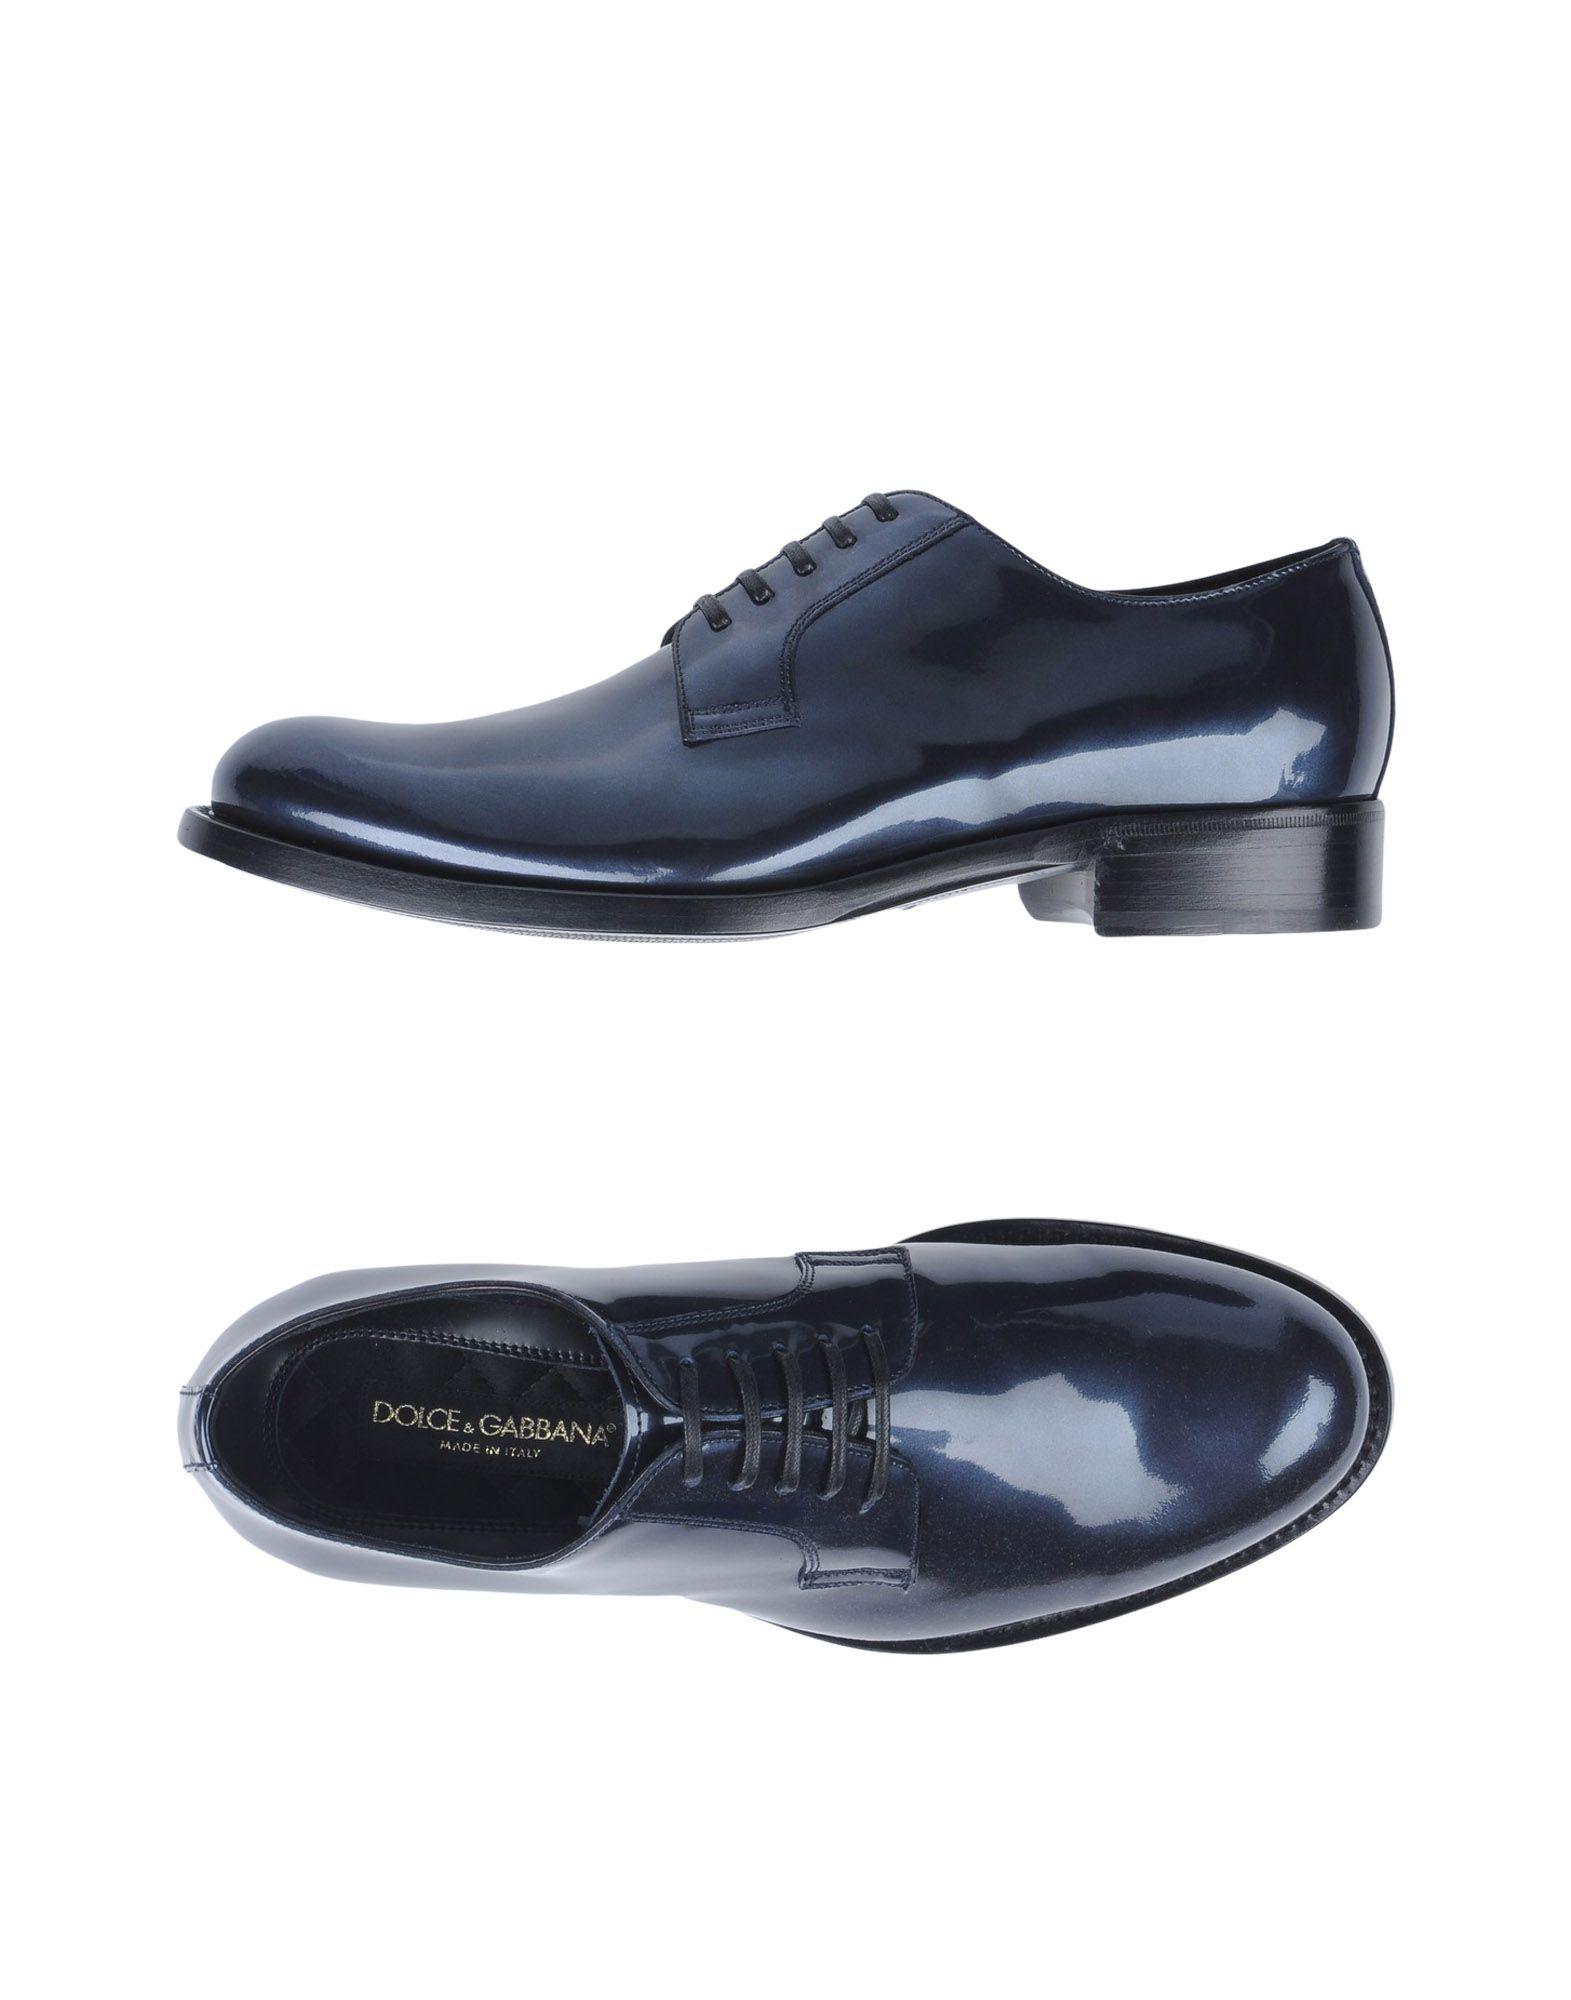 Dolce & Gabbana Schnürschuhe Herren  11327481SX Gute Qualität beliebte Schuhe